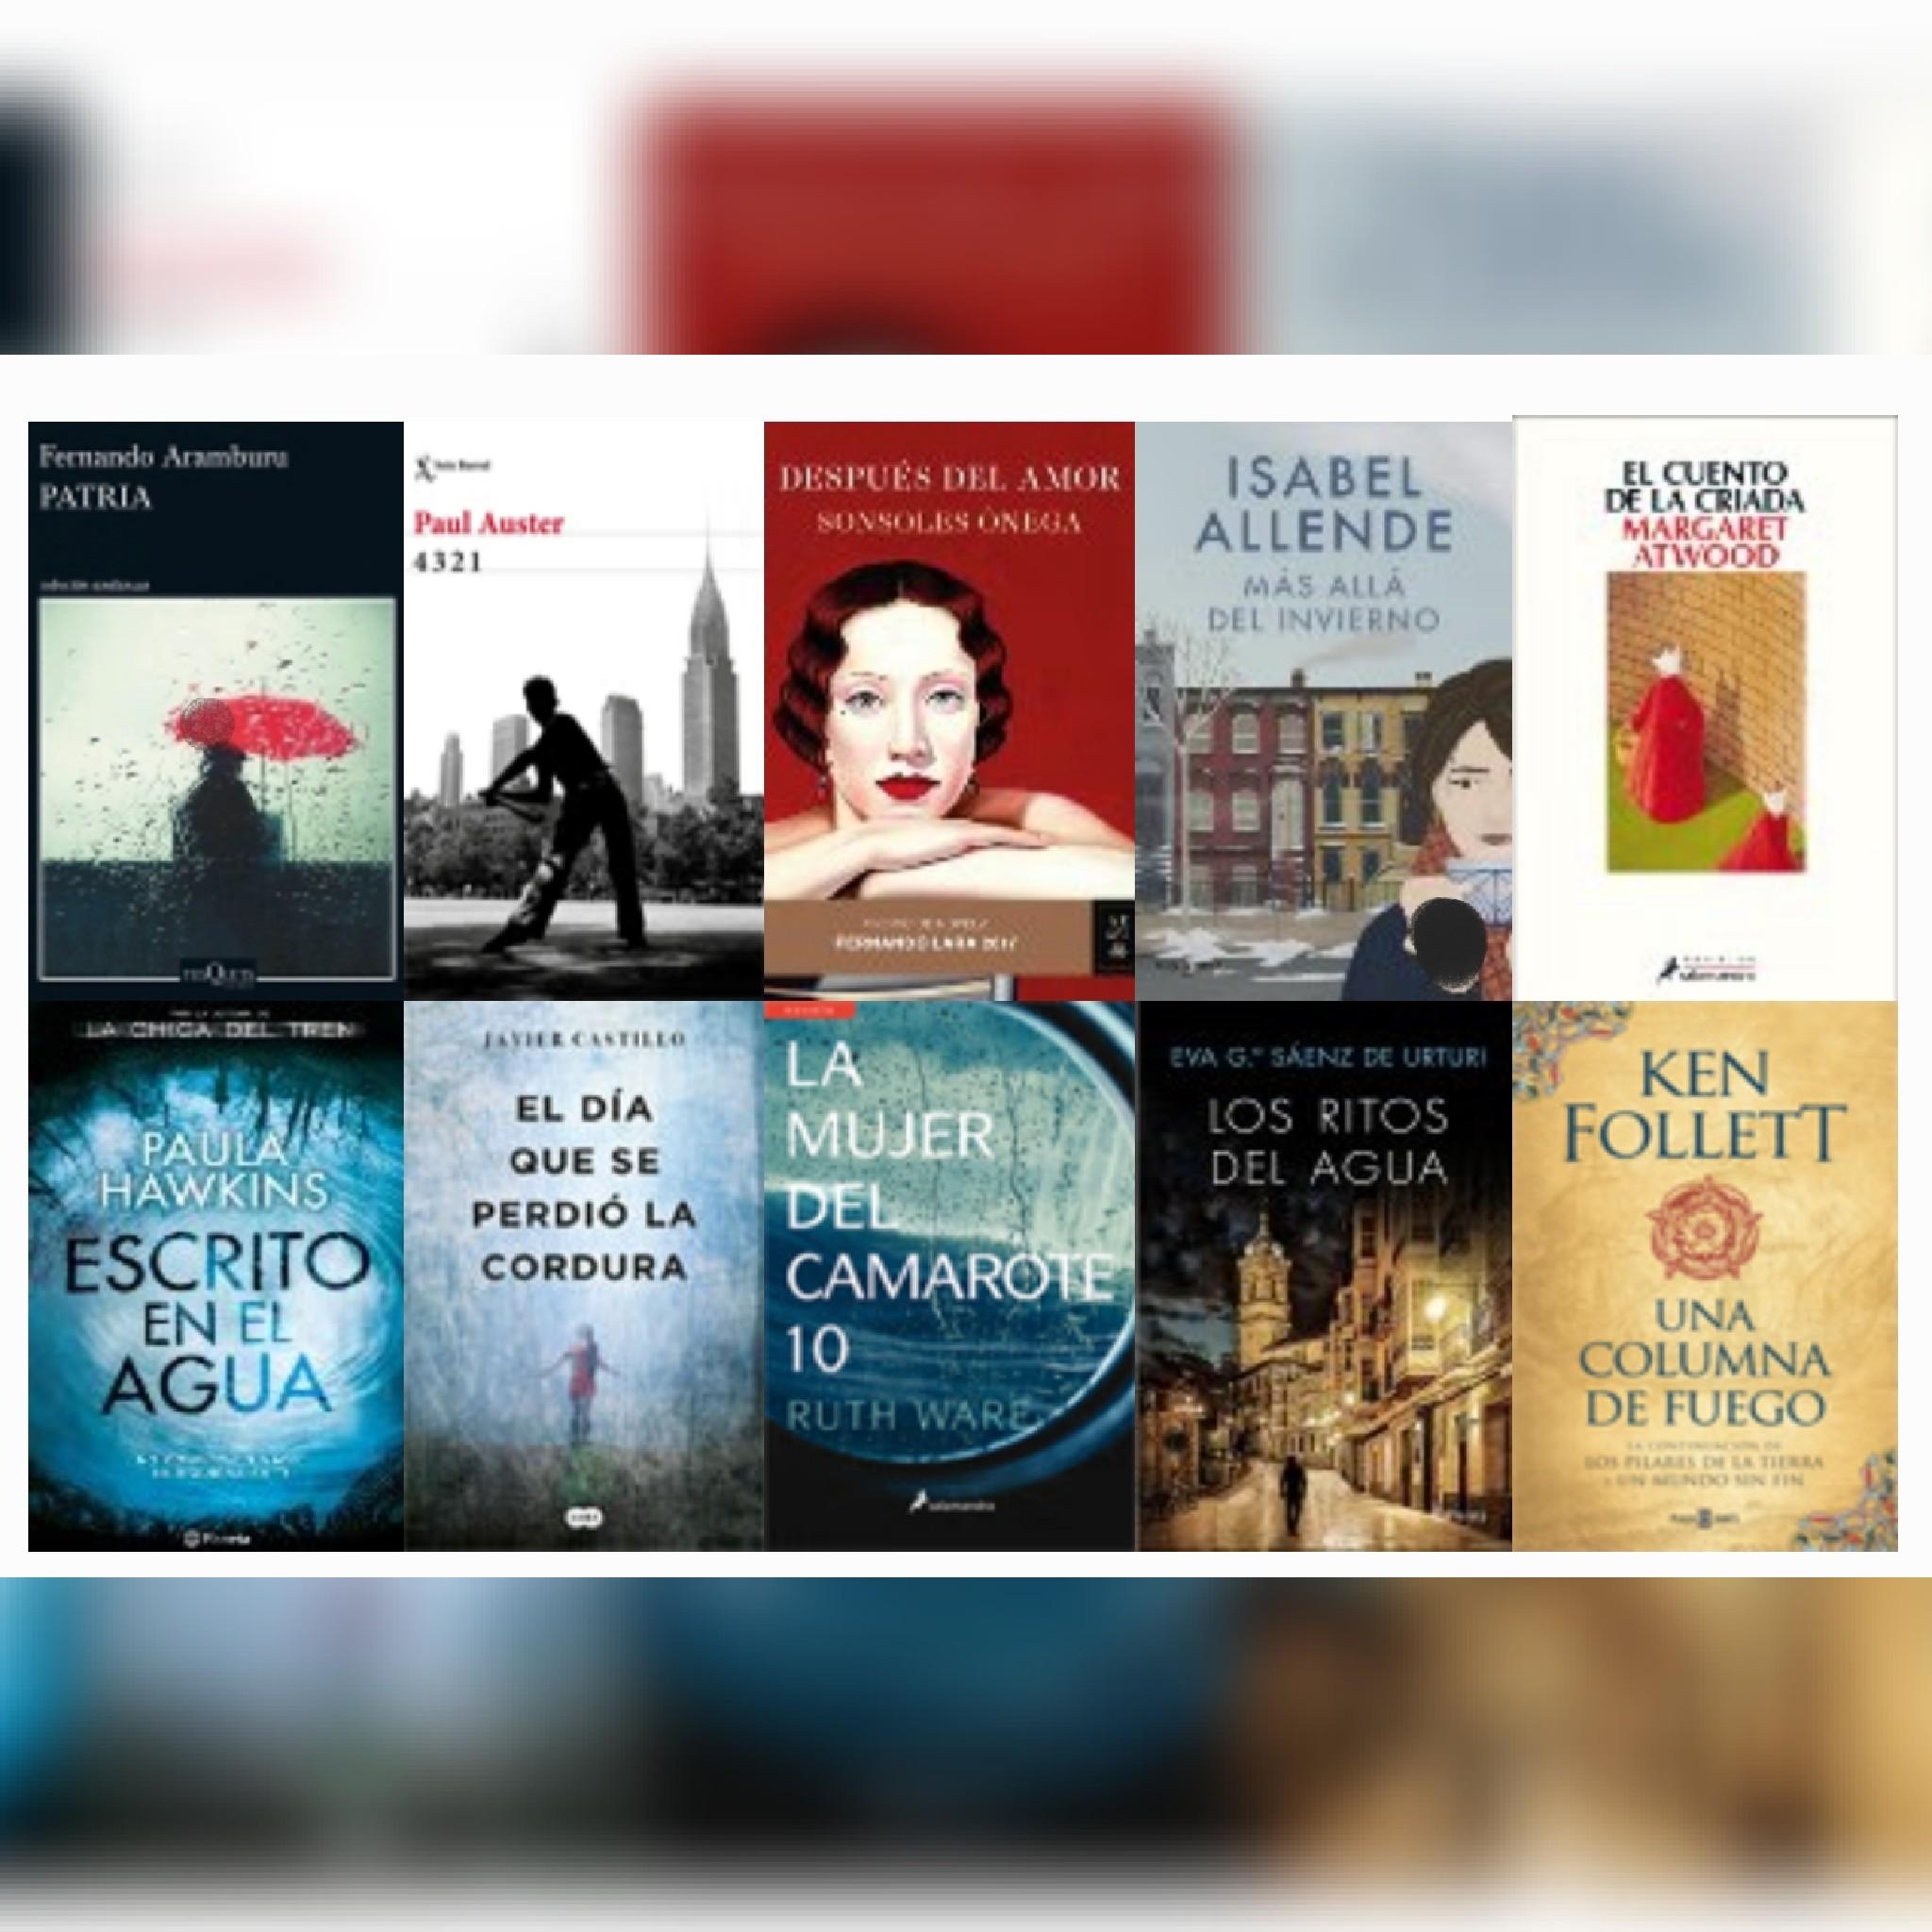 Lista libros ficción más vendidos del 11 al 17 de septiembre revista El Cultural